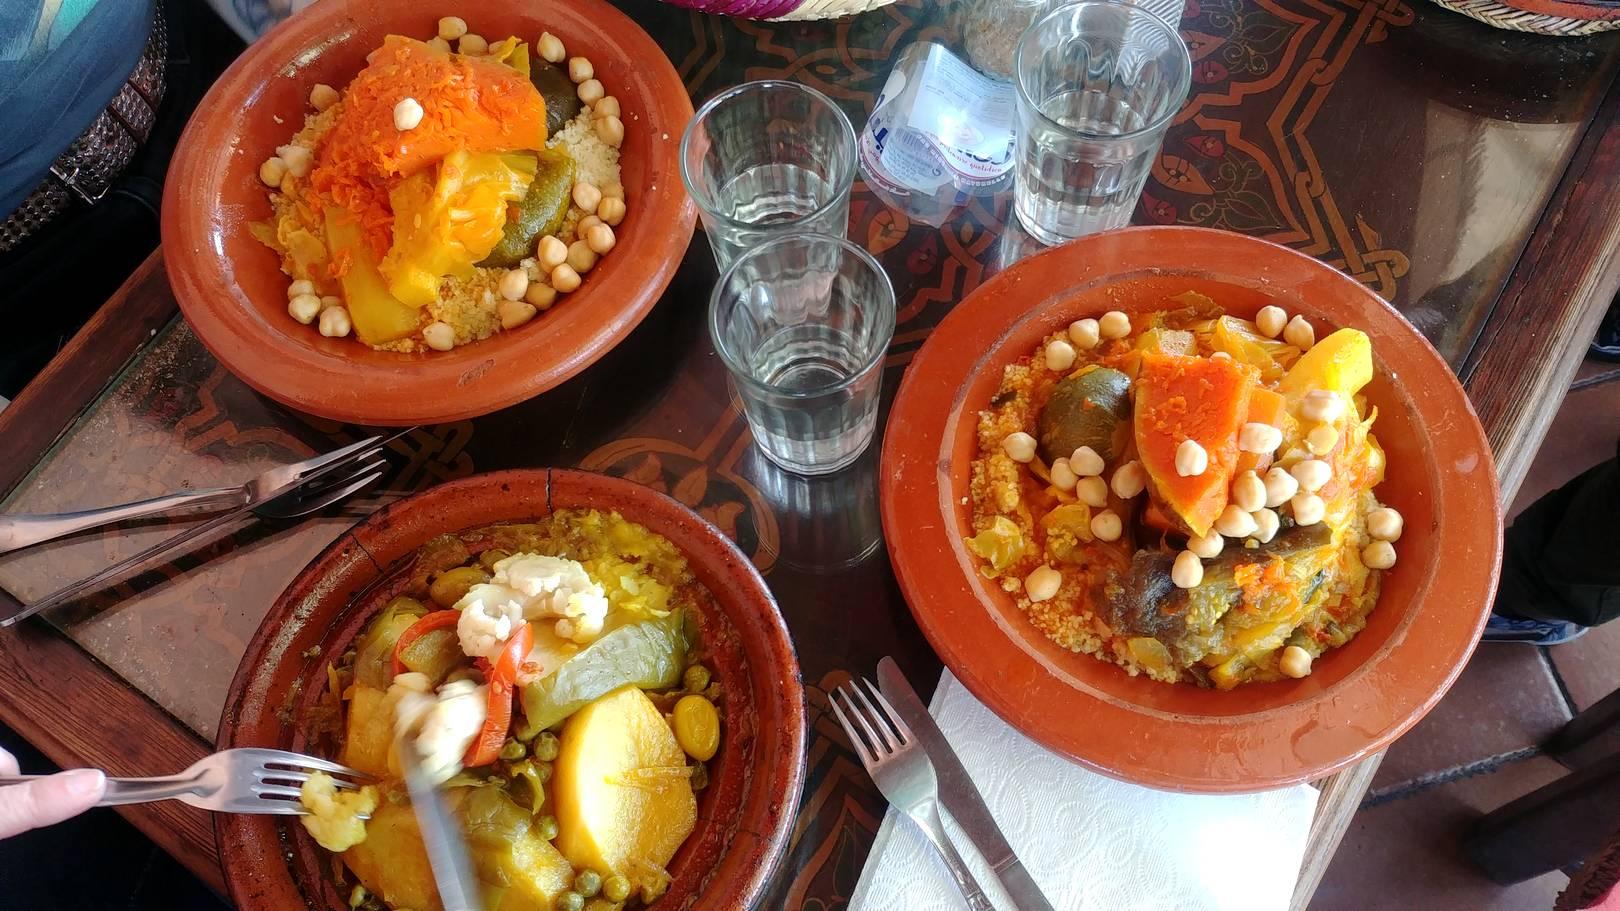 Maroc - Couscous sur la place Jemaa el Fna à Marrakech